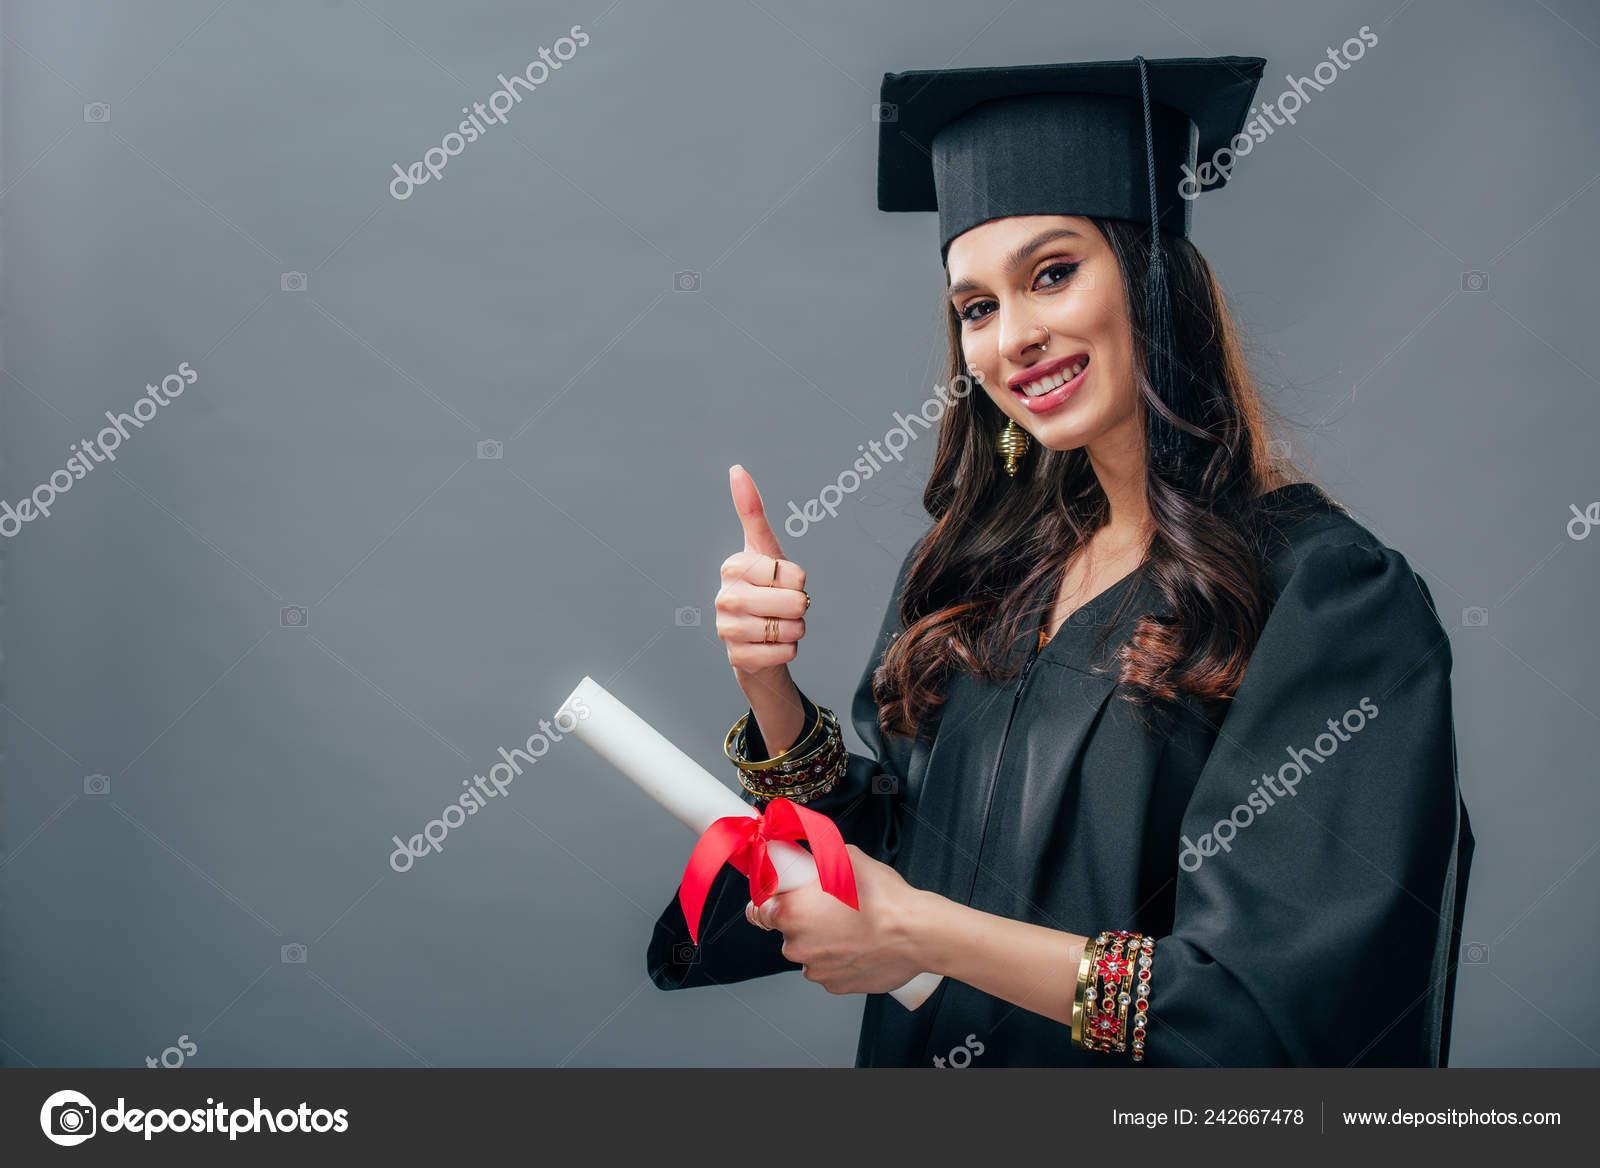 fd415375a Estudiante Indio Sonriente Con Sombrero Vestido Graduación Académico  Sosteniendo Diploma — Fotos de Stock